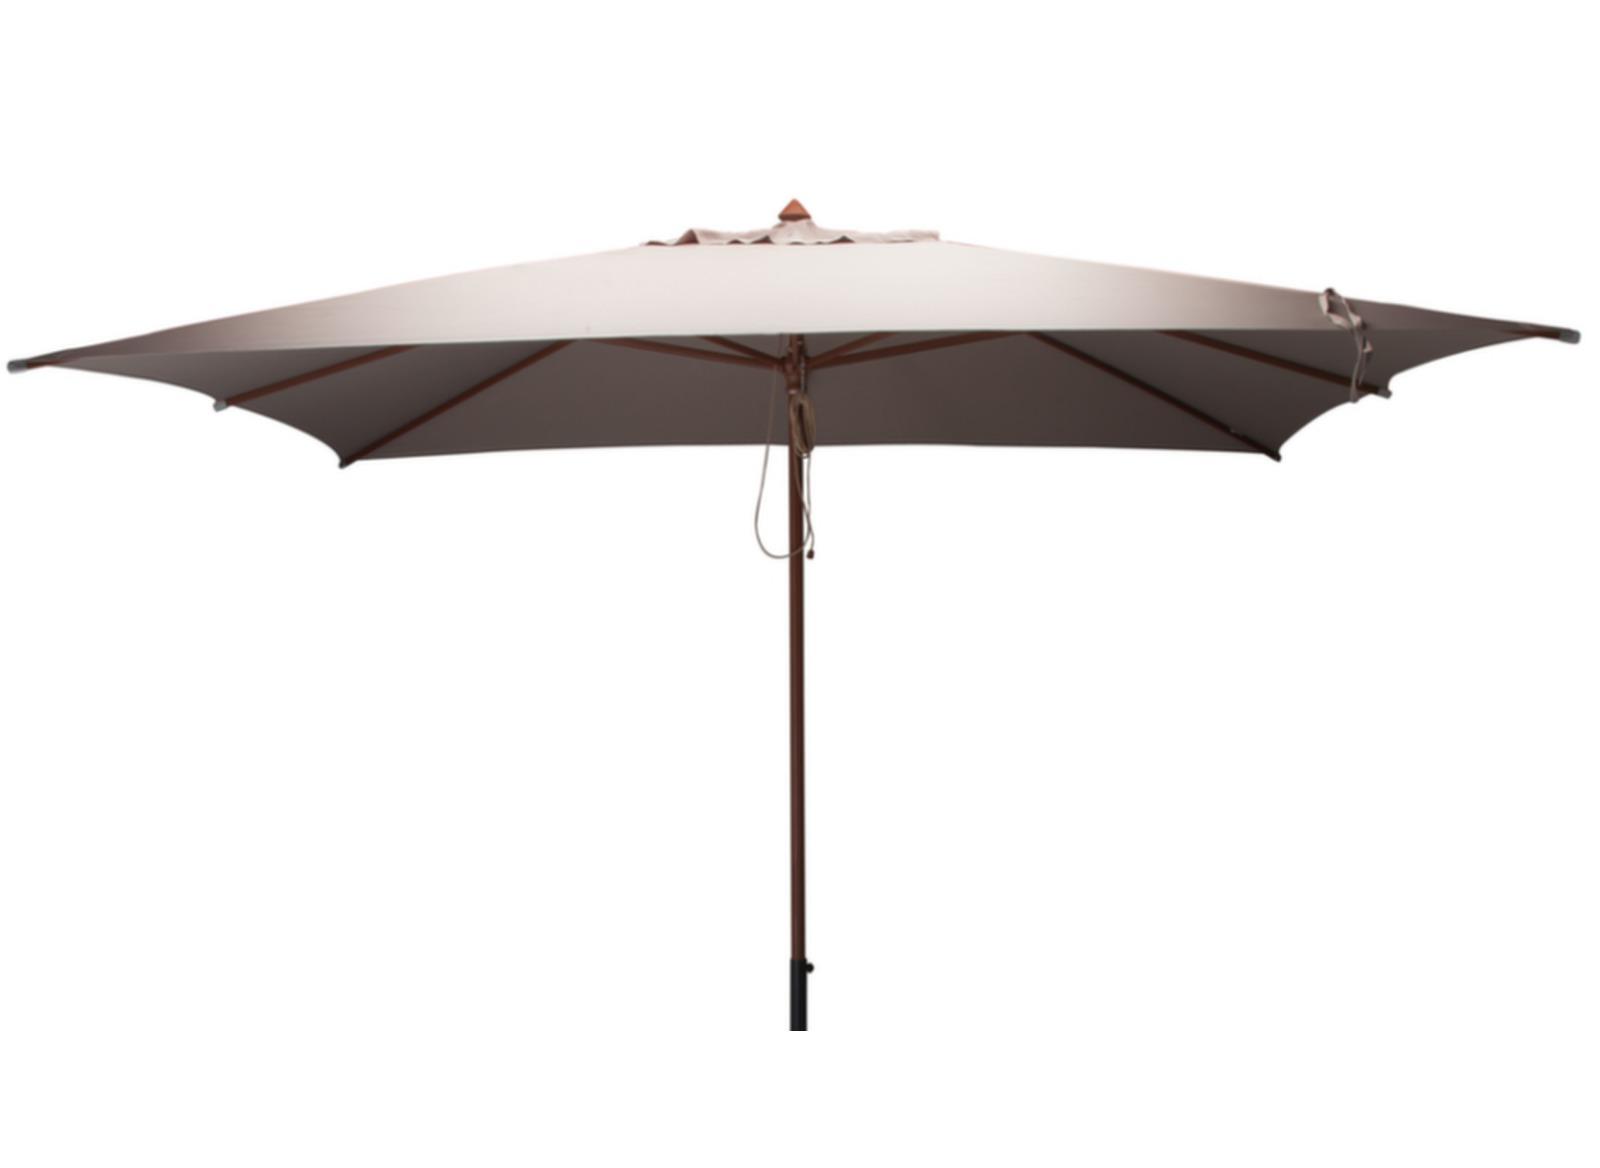 Parasol rectangulaire en bois 3x4m   Mobilier de jardin   Proloisirs